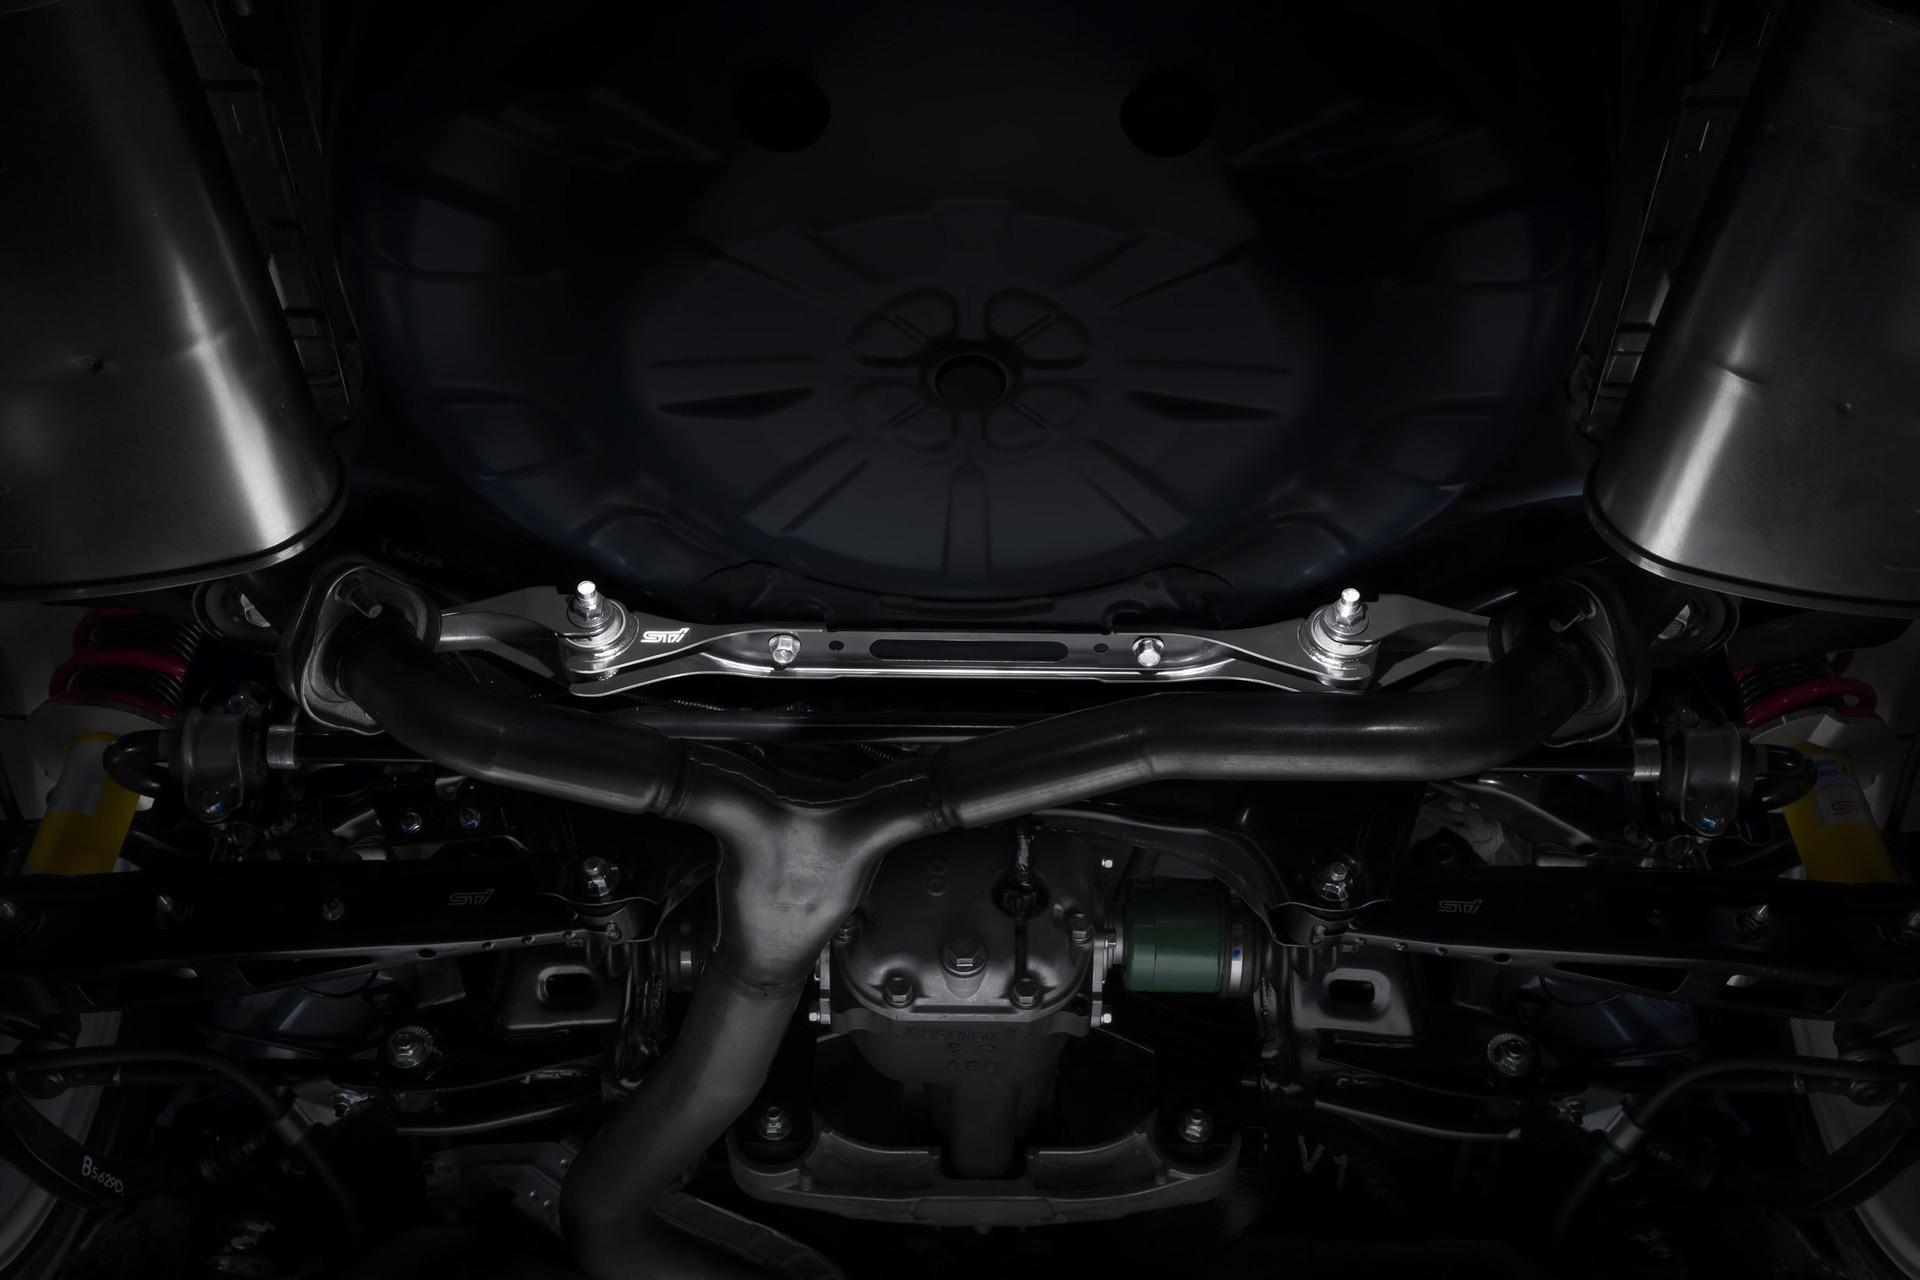 Subaru_Impreza_STI_S207_0020